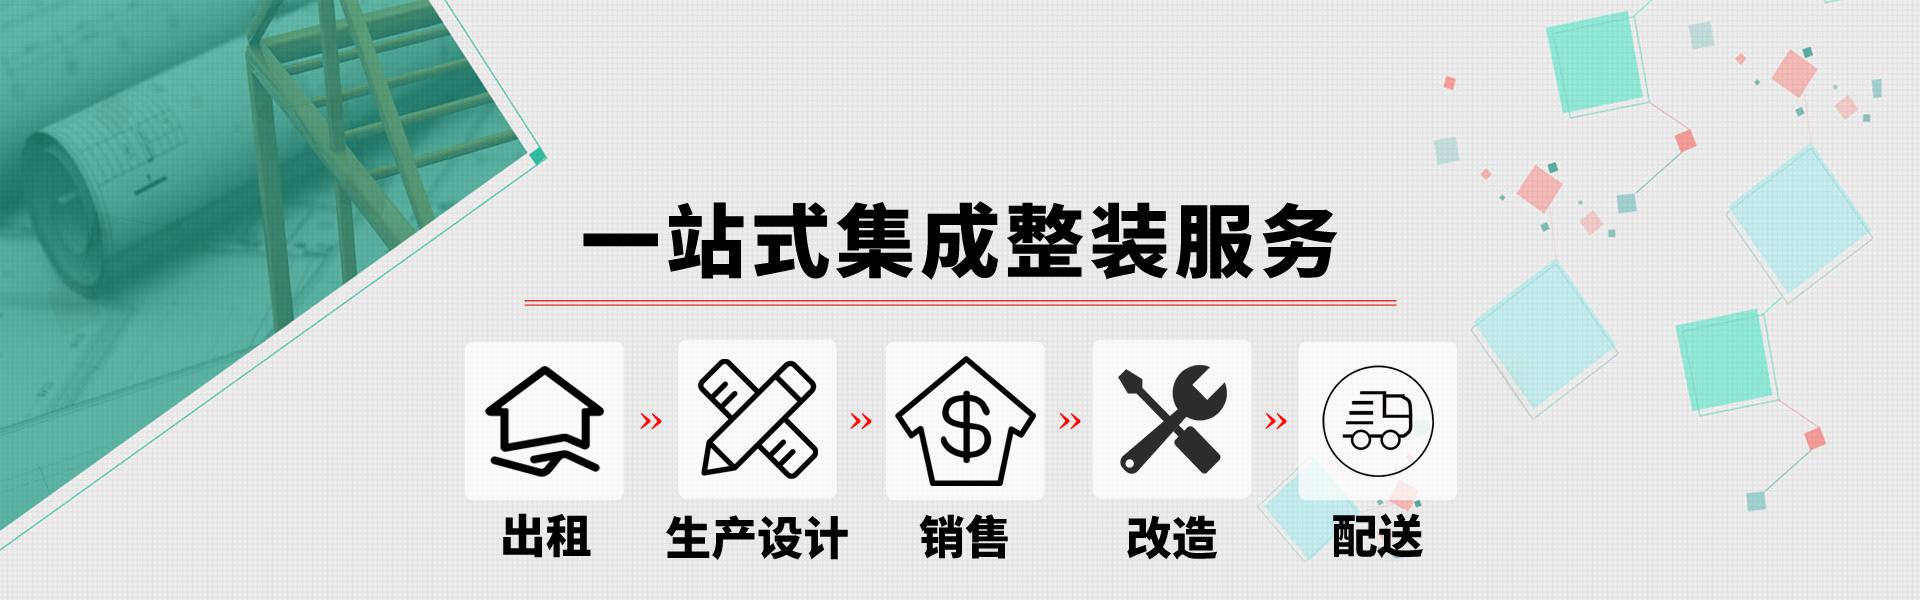 武汉众兴居主营产品 集成房屋,彩钢板房